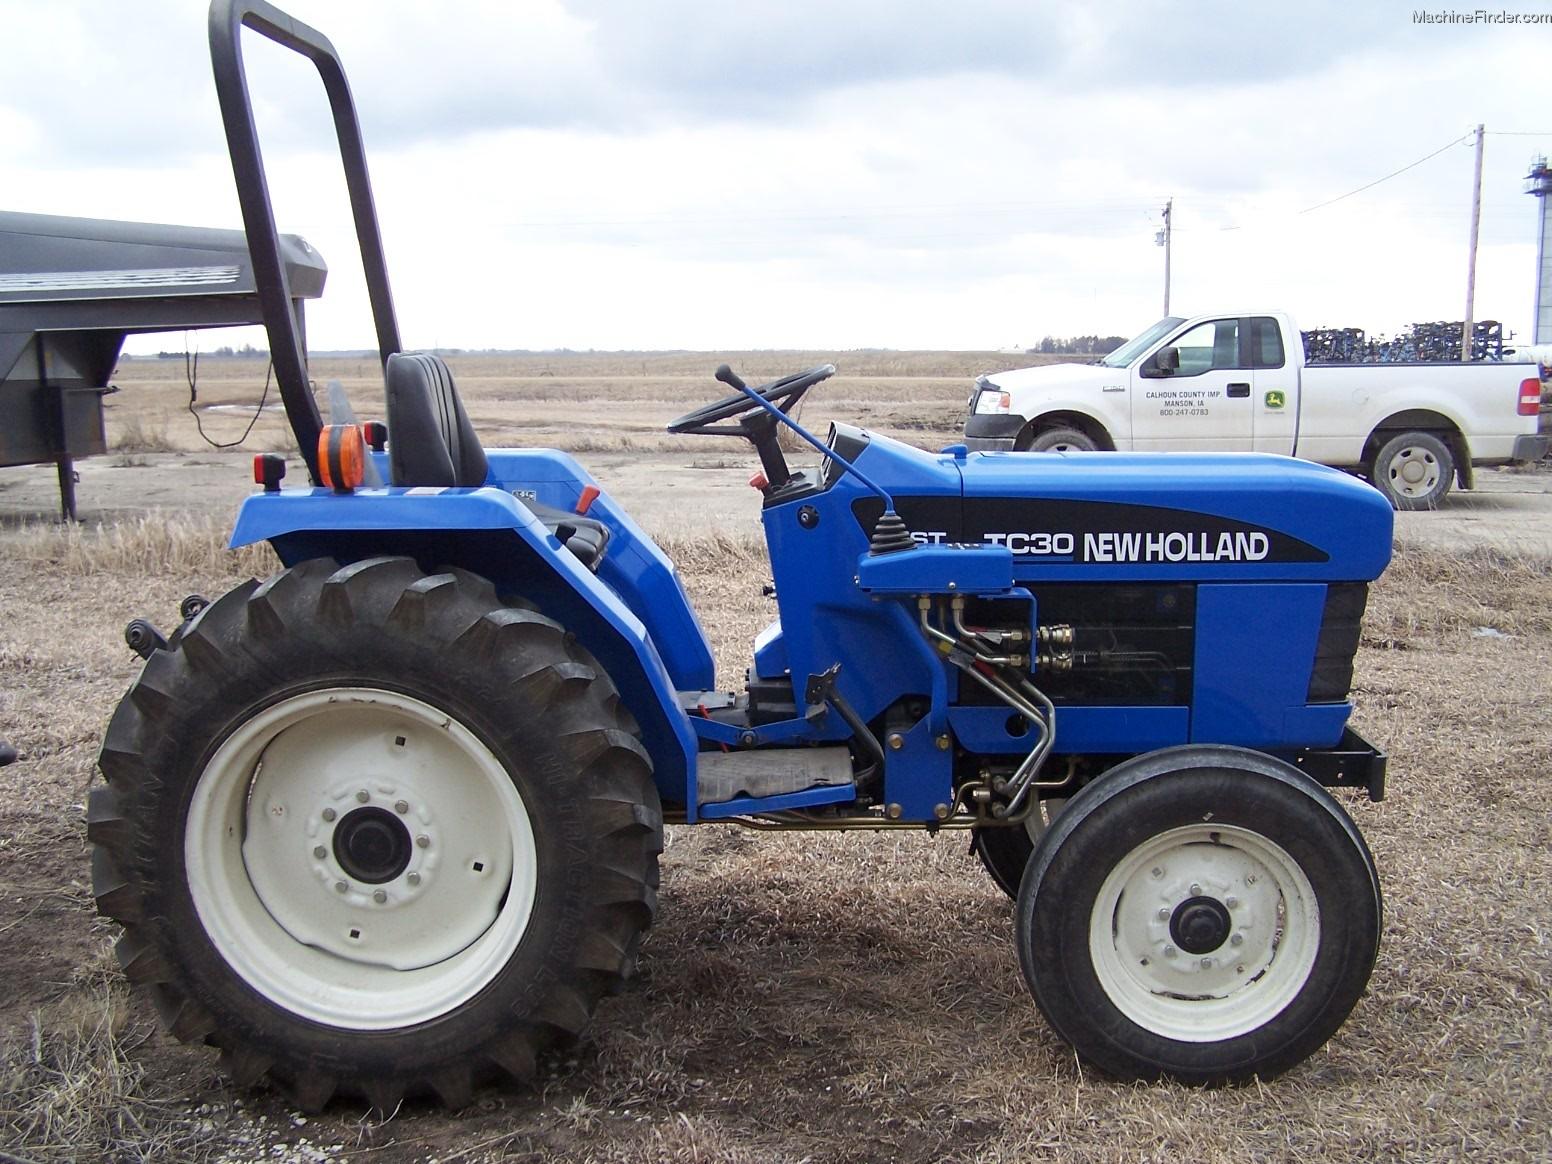 New Holland Tc30 Farm Tractor   New Holland Farm Tractors